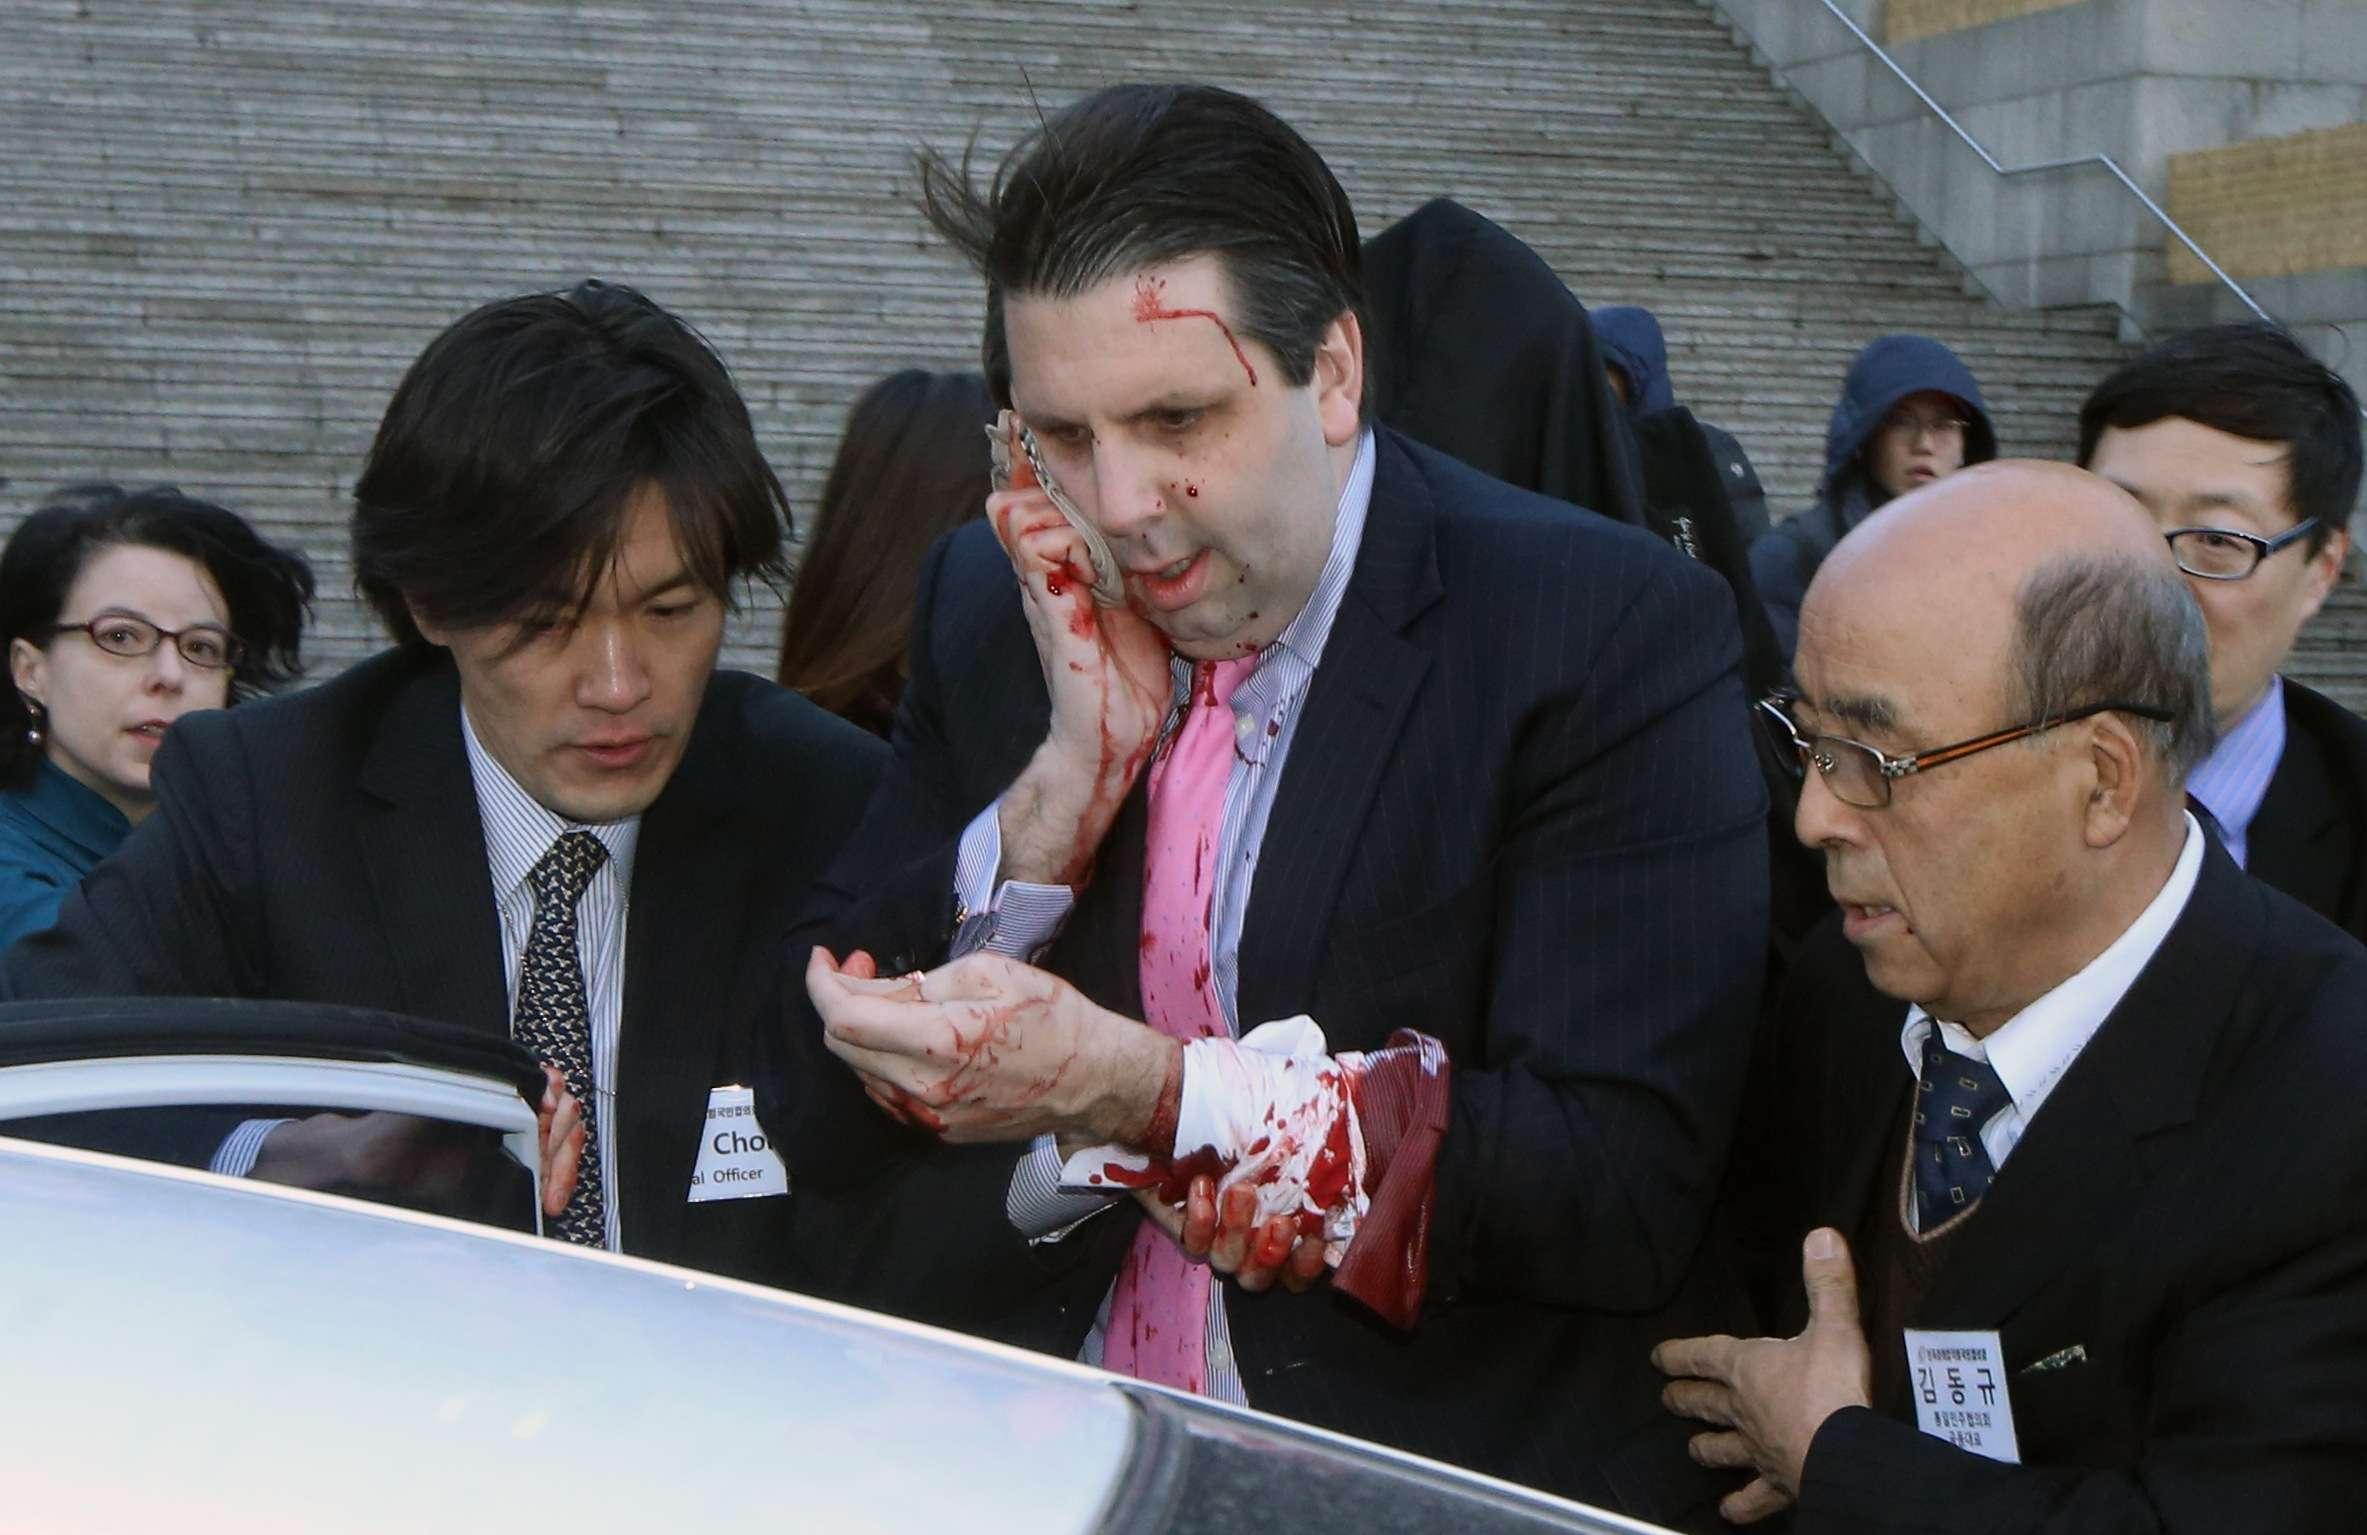 O embaixador teve de passar por cirurgia e levou 80 pontos no rosto após ataque Foto: Yonhap/Reuters